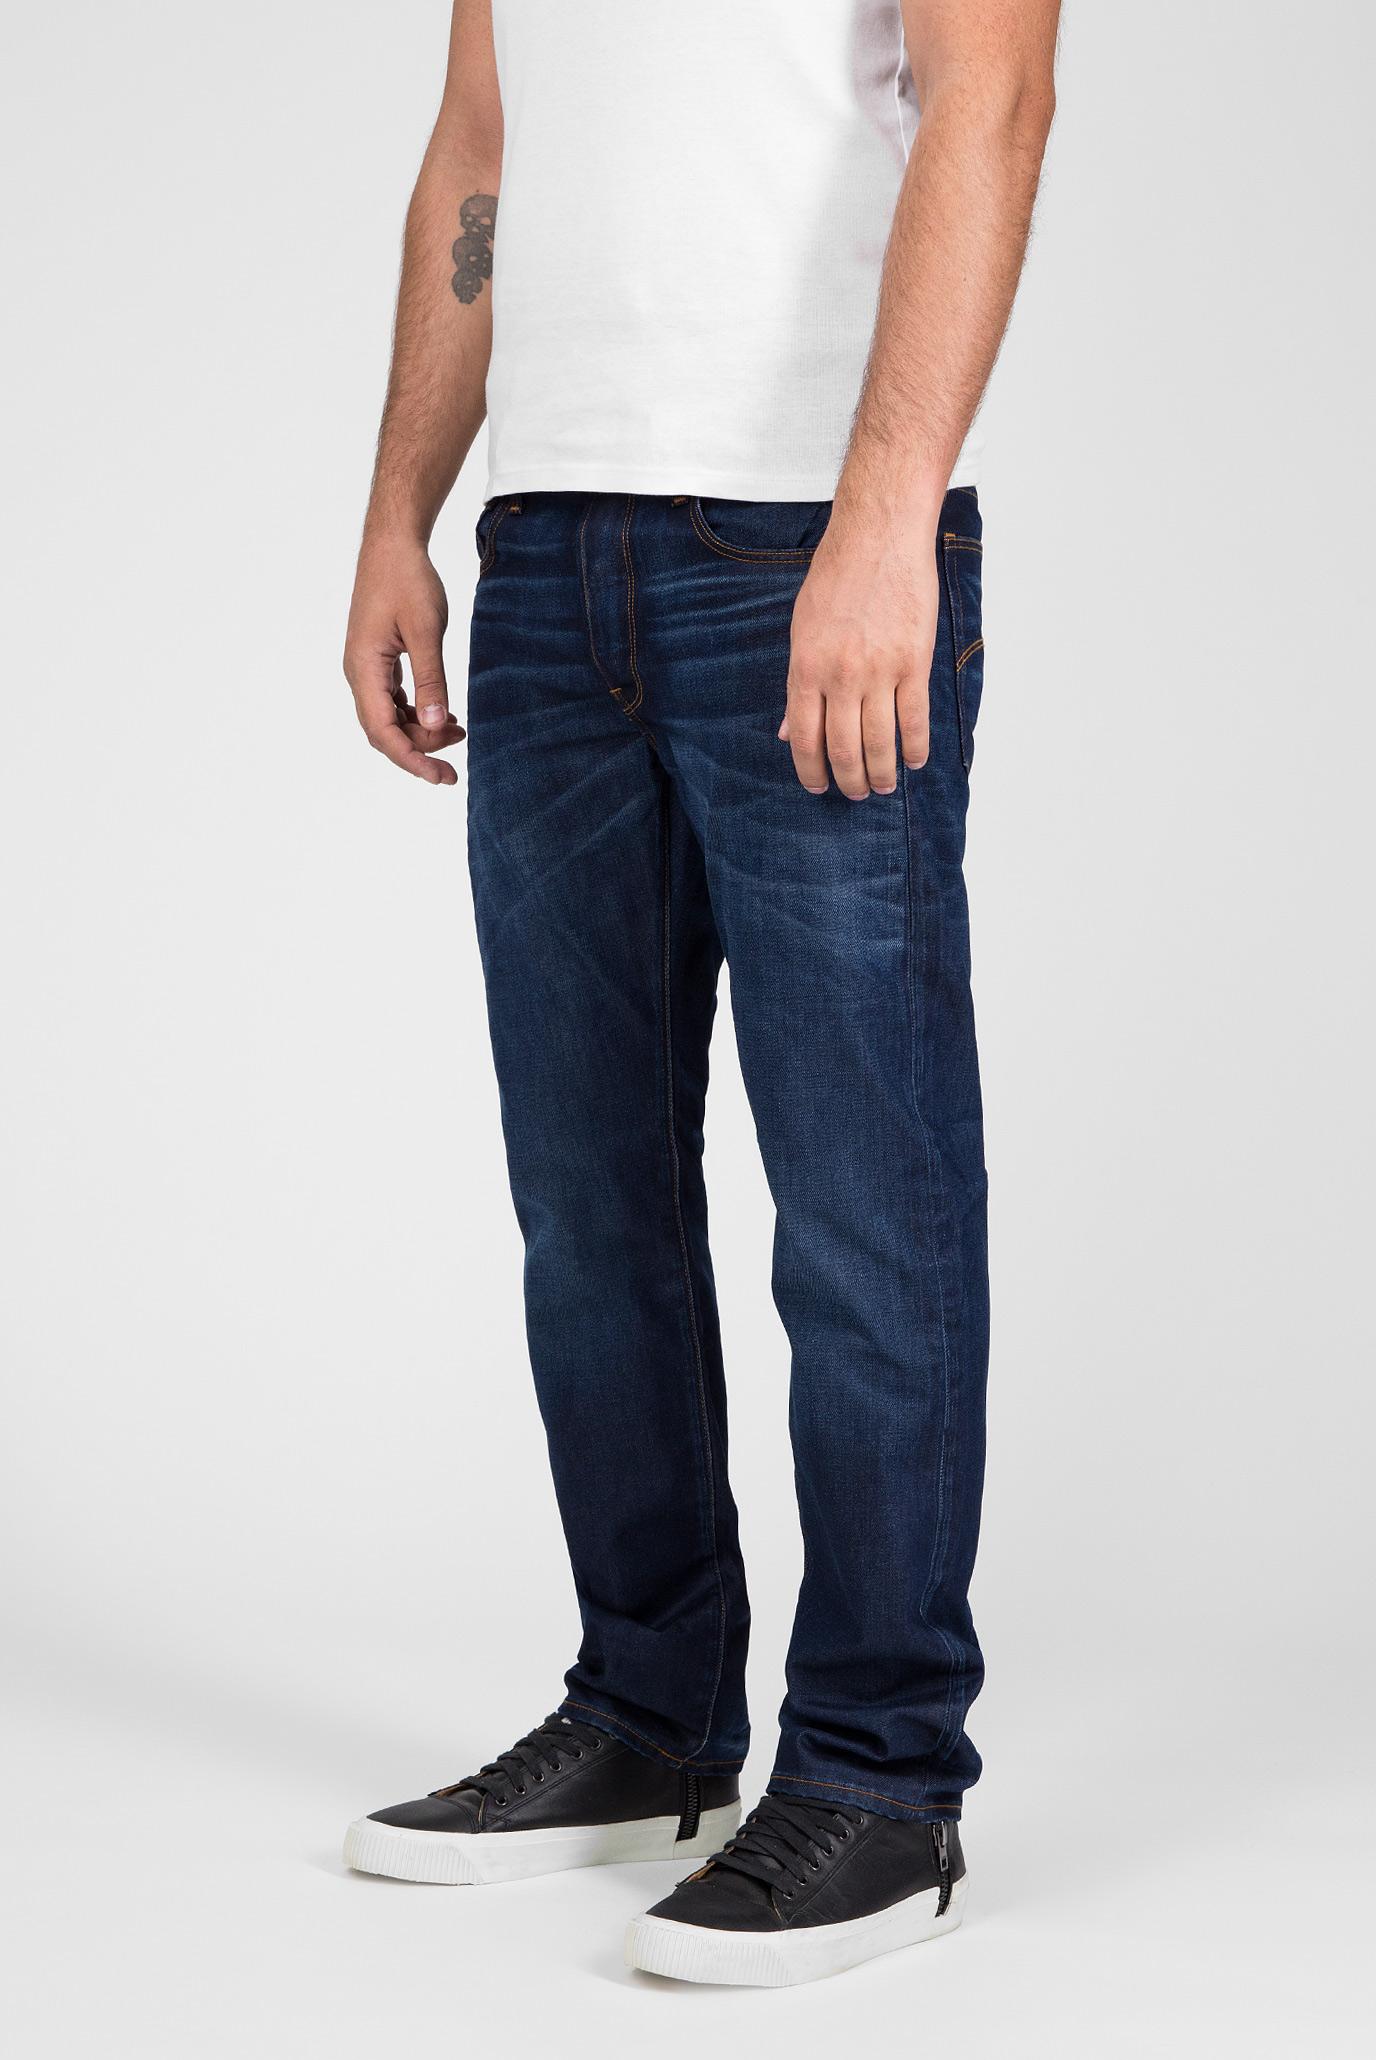 Купить Мужские синие джинсы Straight G-Star RAW G-Star RAW 51002,4639 – Киев, Украина. Цены в интернет магазине MD Fashion